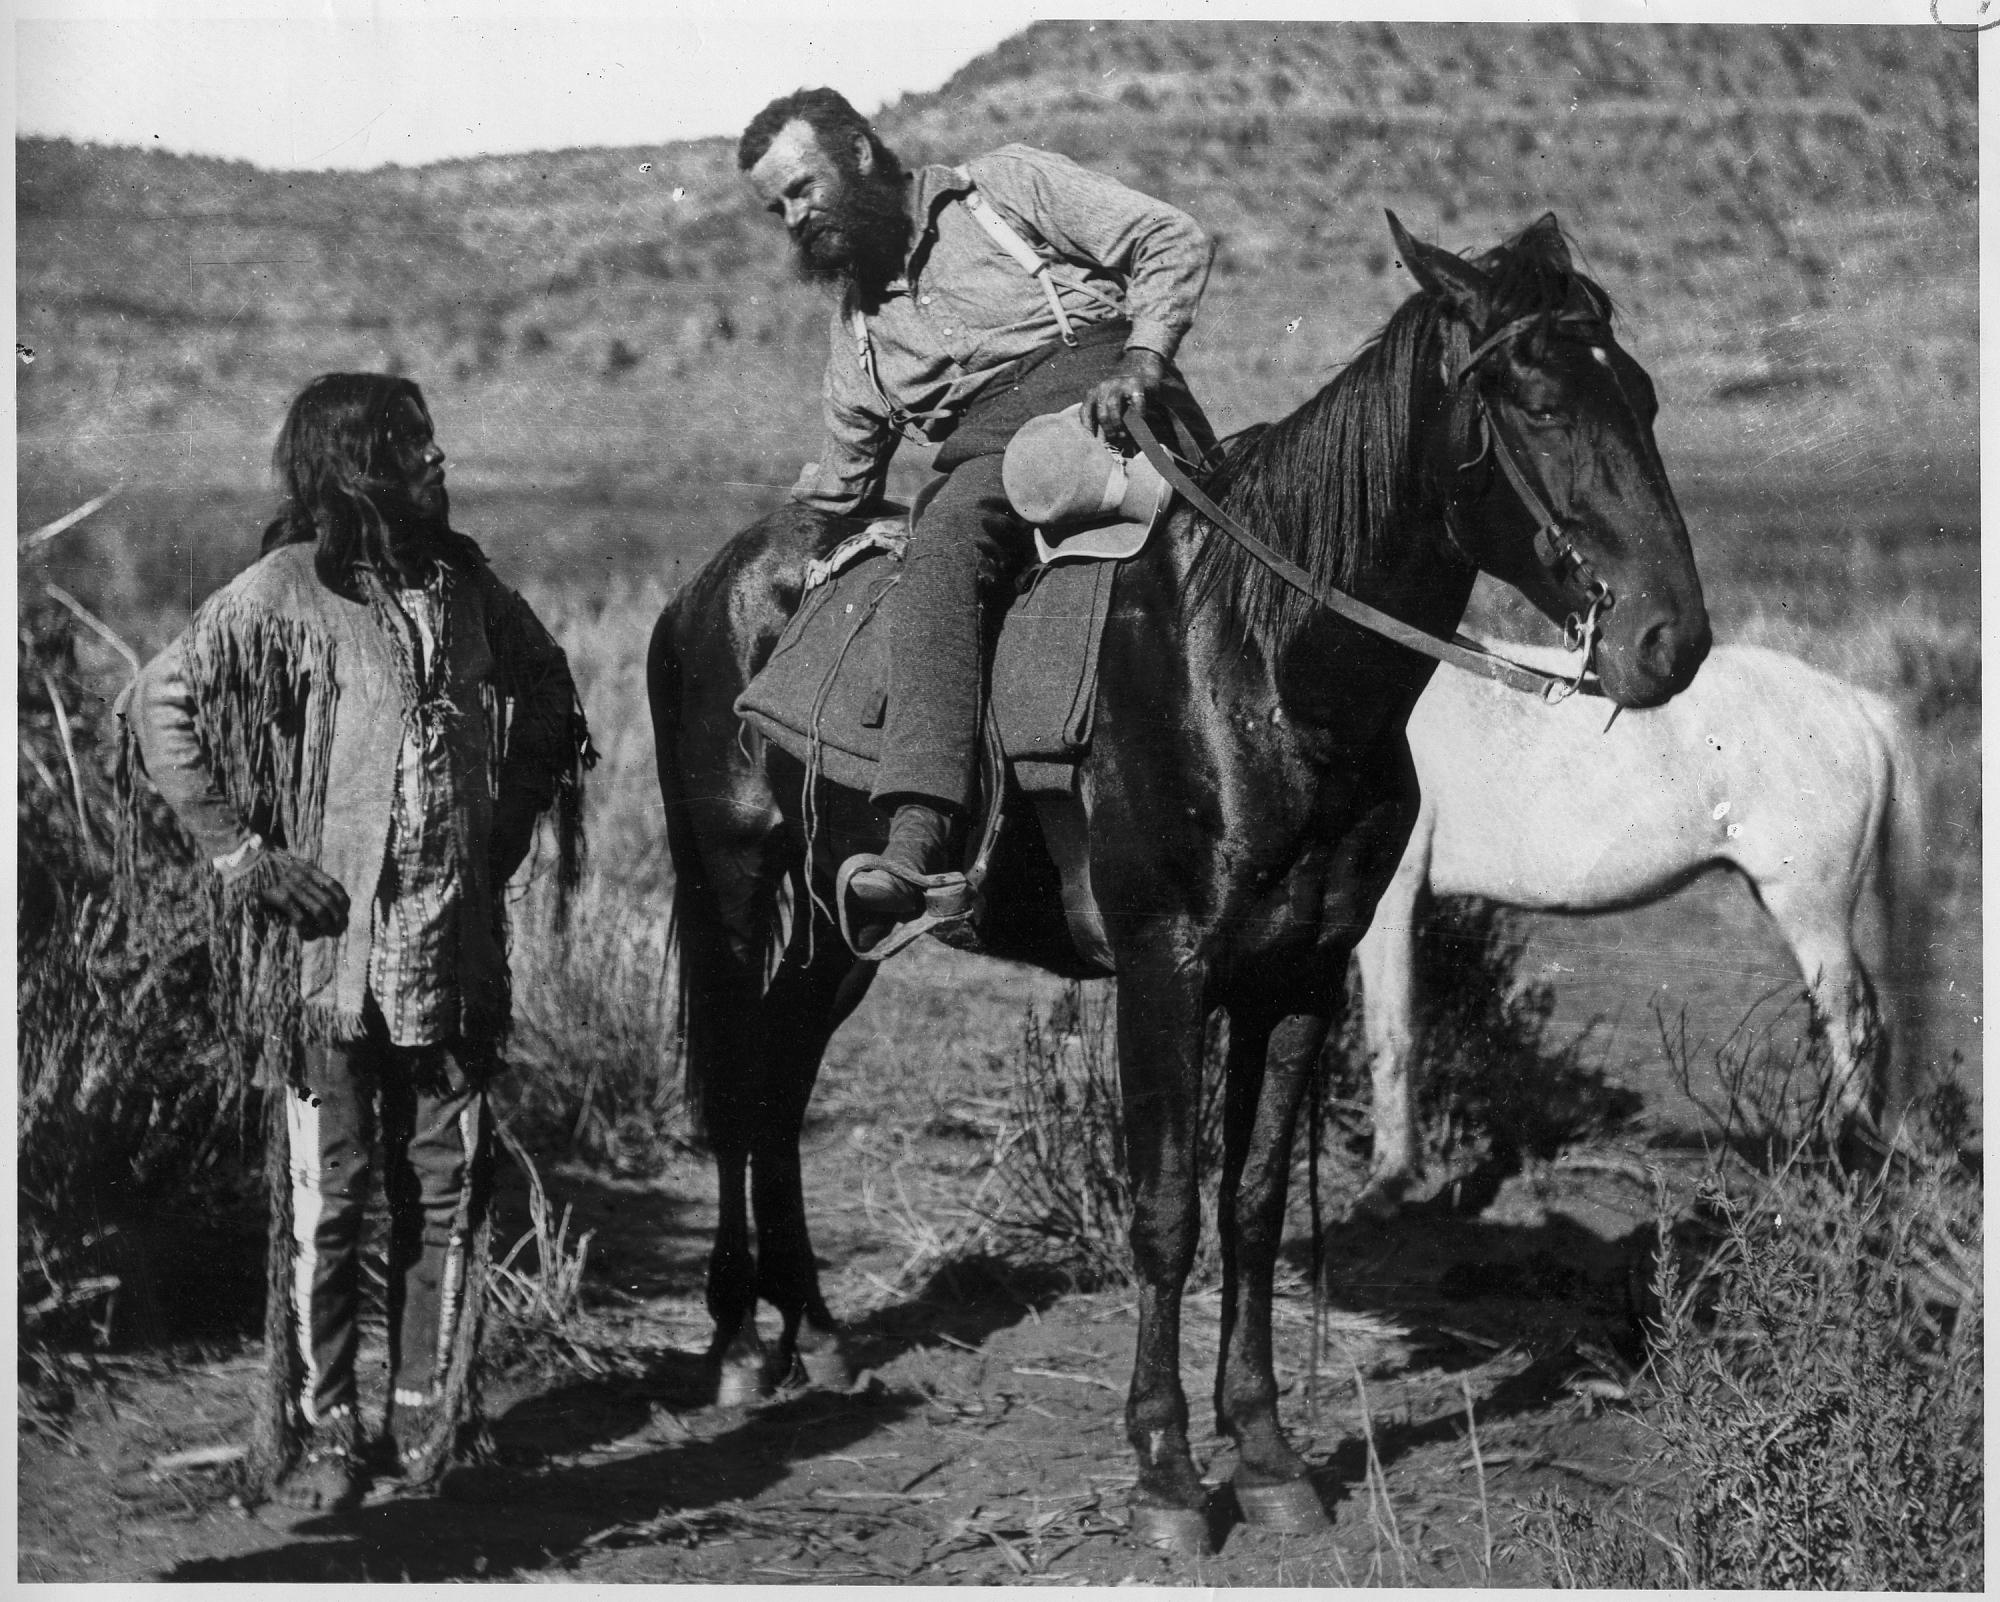 John Wesley Powell with Paiute